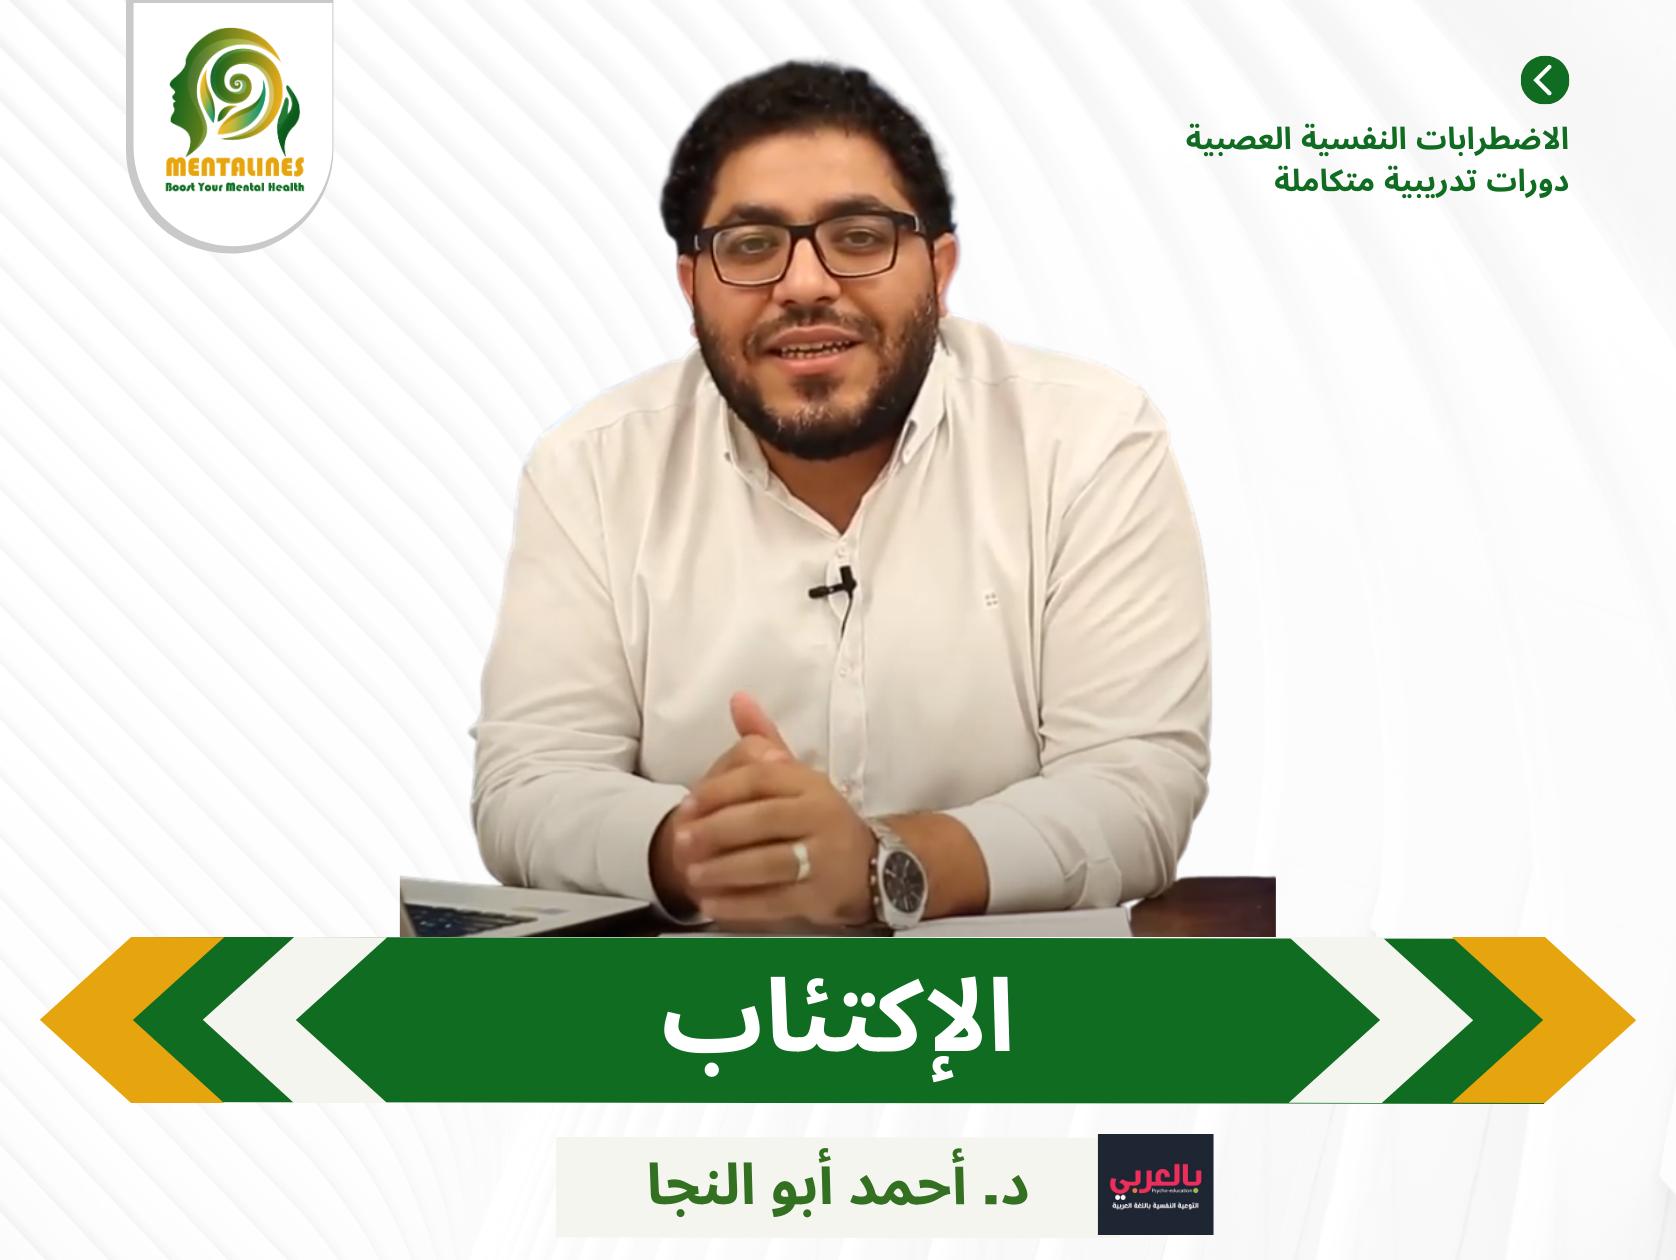 كورس الإكتئاب اونلاين د. أحمد أبو النجا